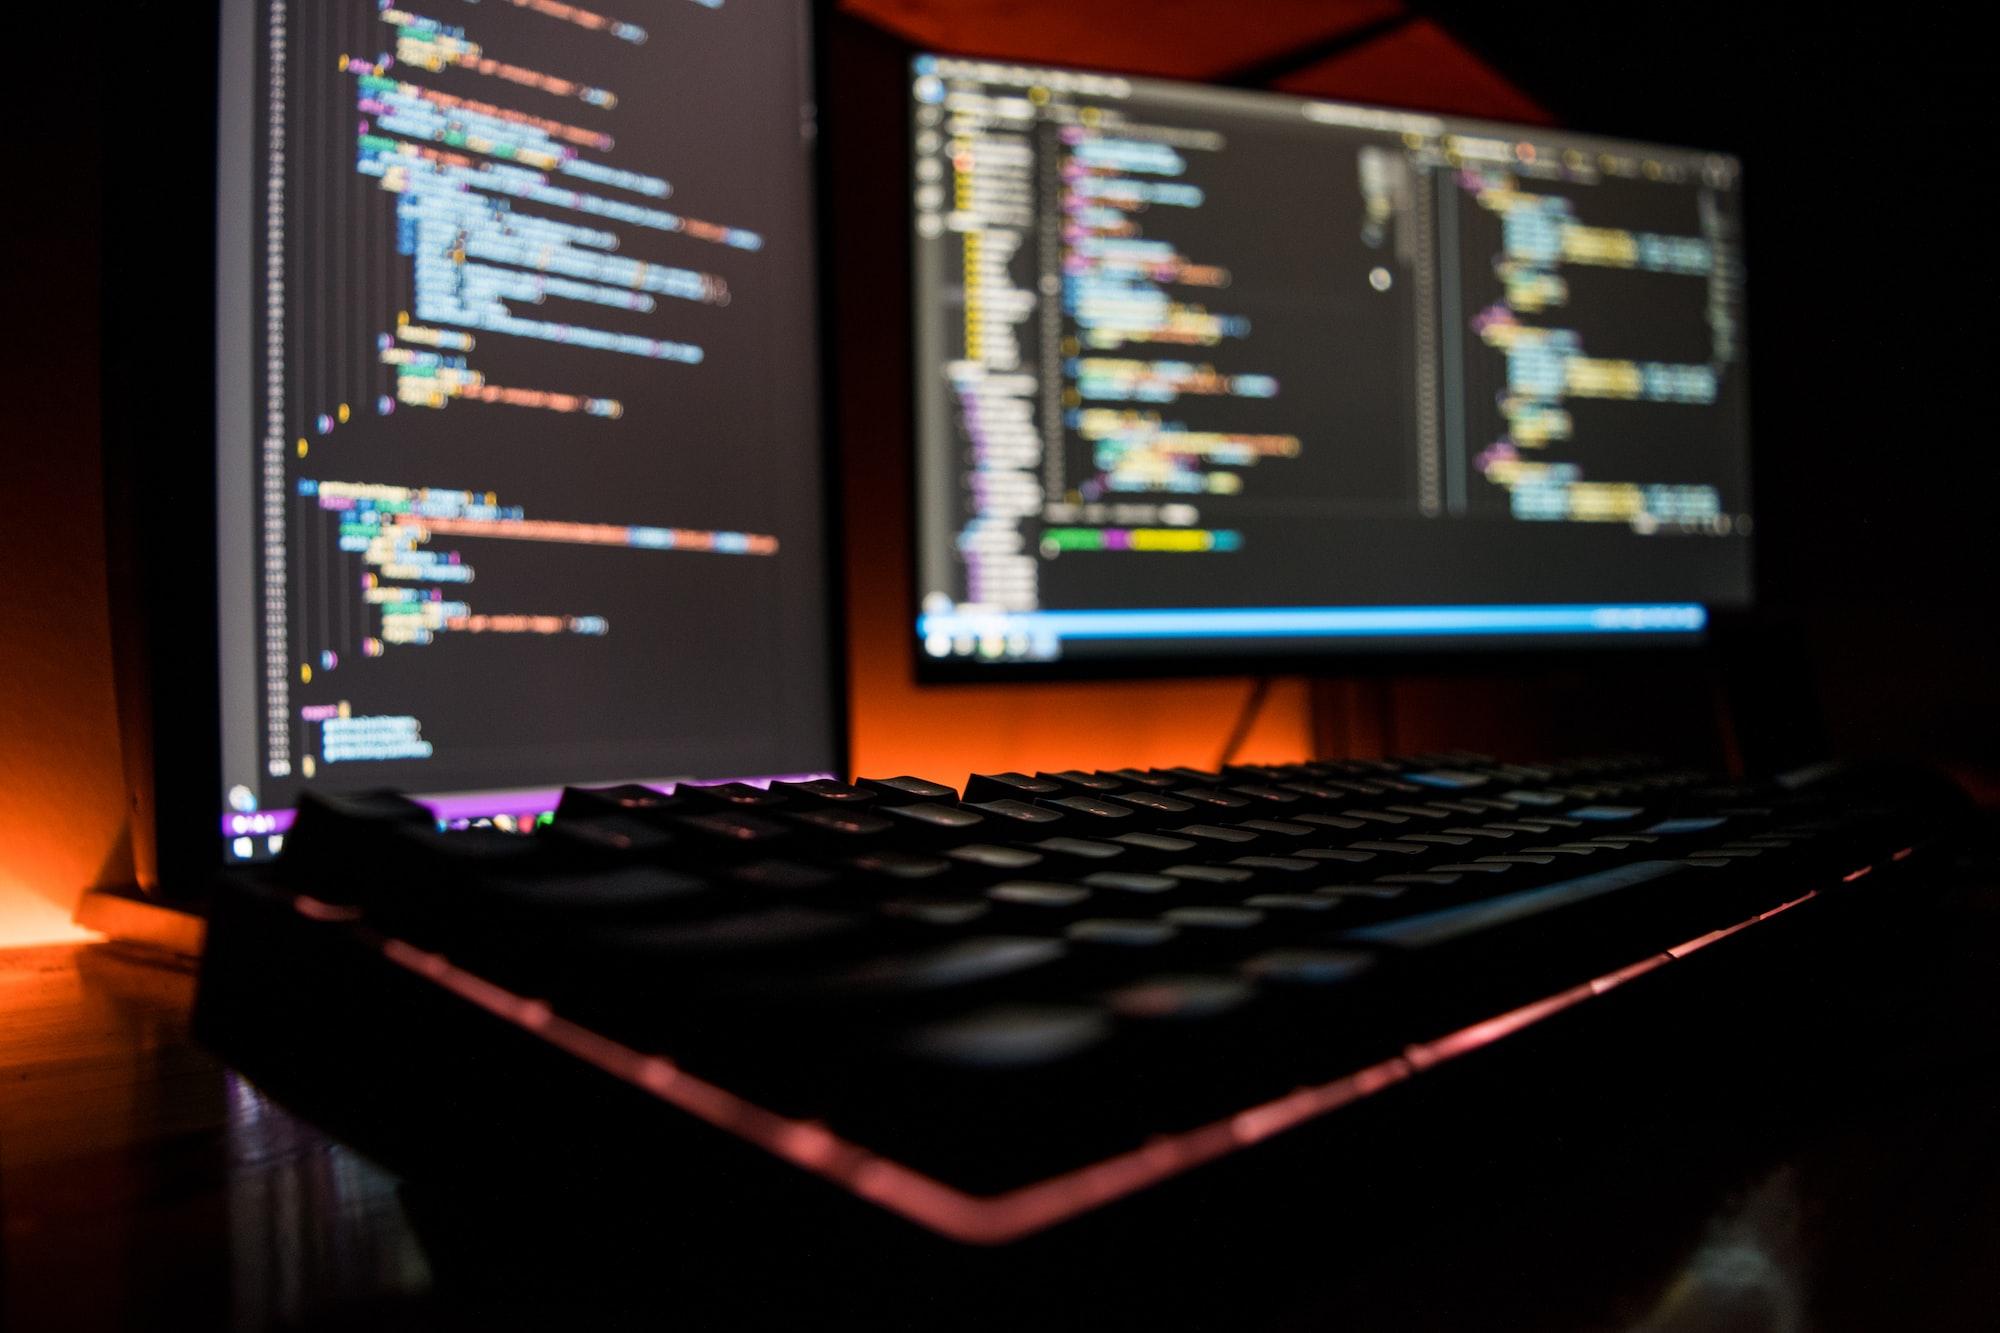 Programming Tip #2 - Refactor